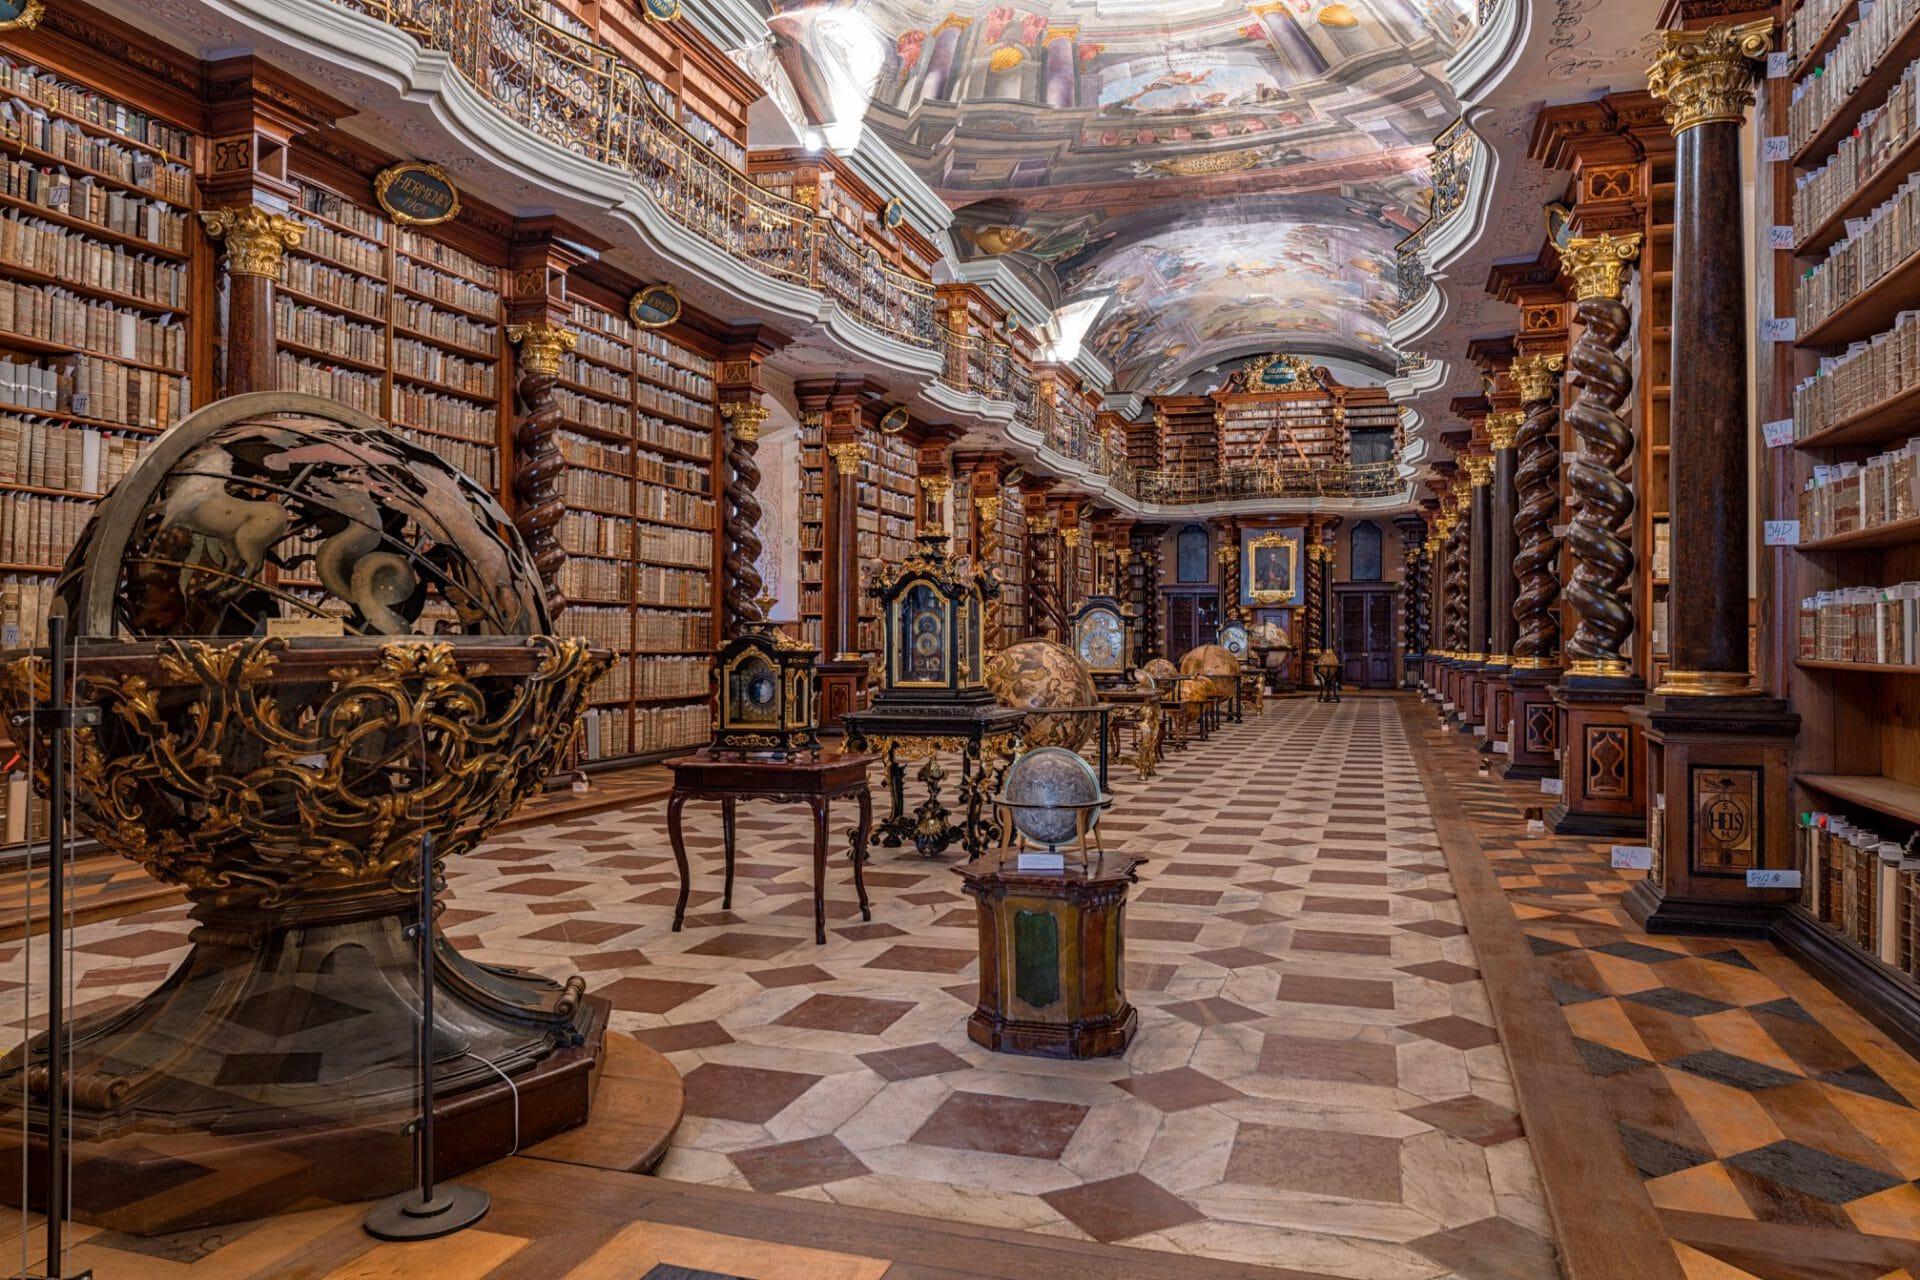 maailman kauneimmat kirjastot